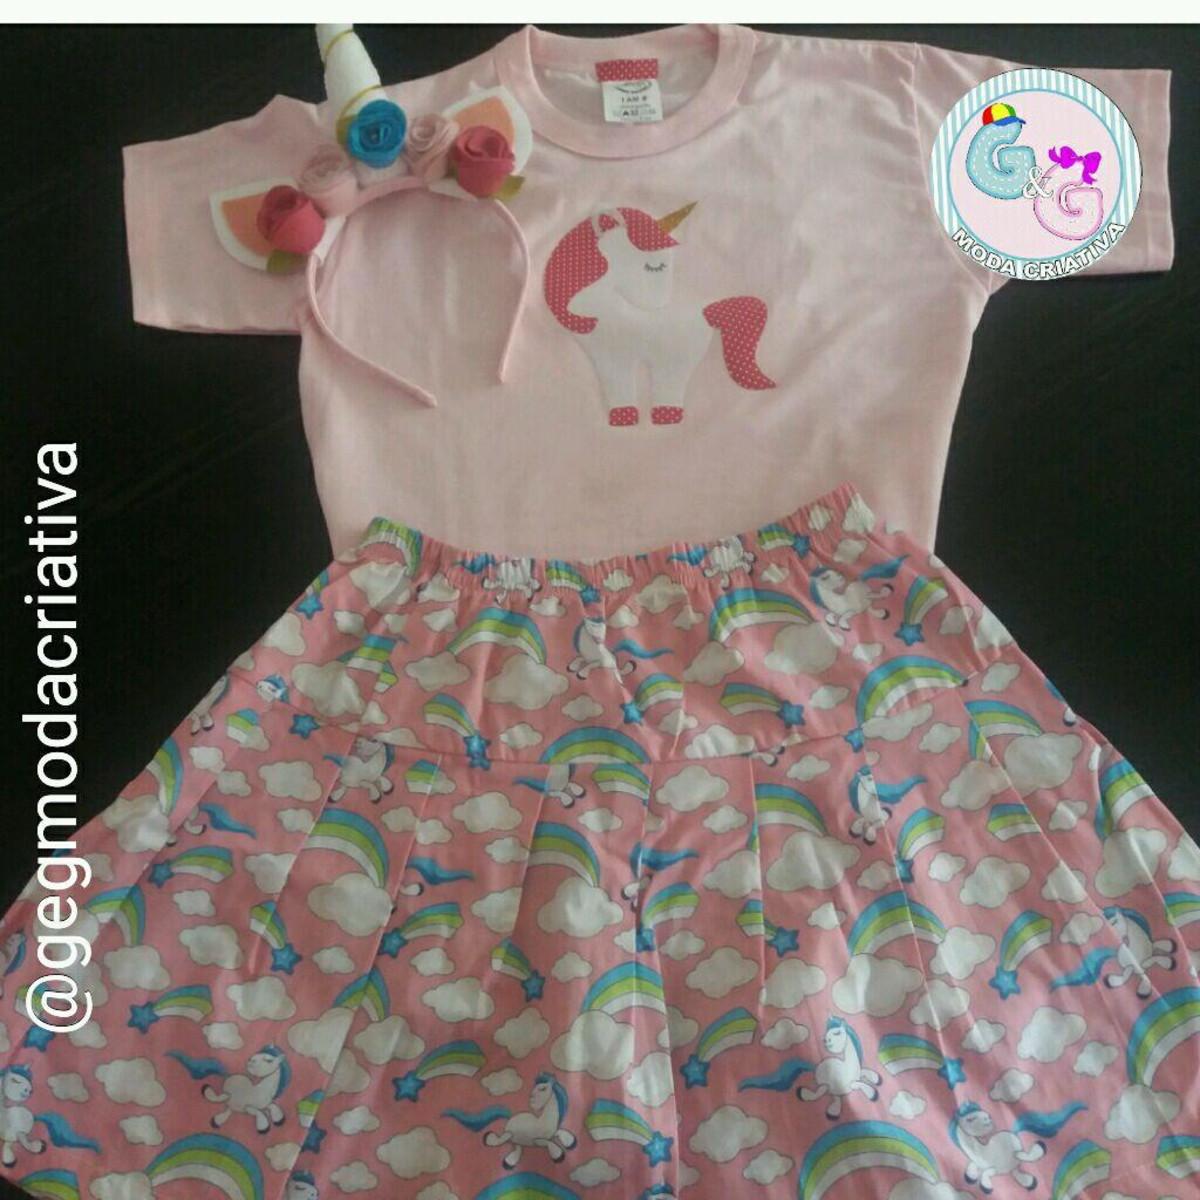 Kit Camiseta + saia + tiara Unicórnio no Elo7  7667f9d069d1c